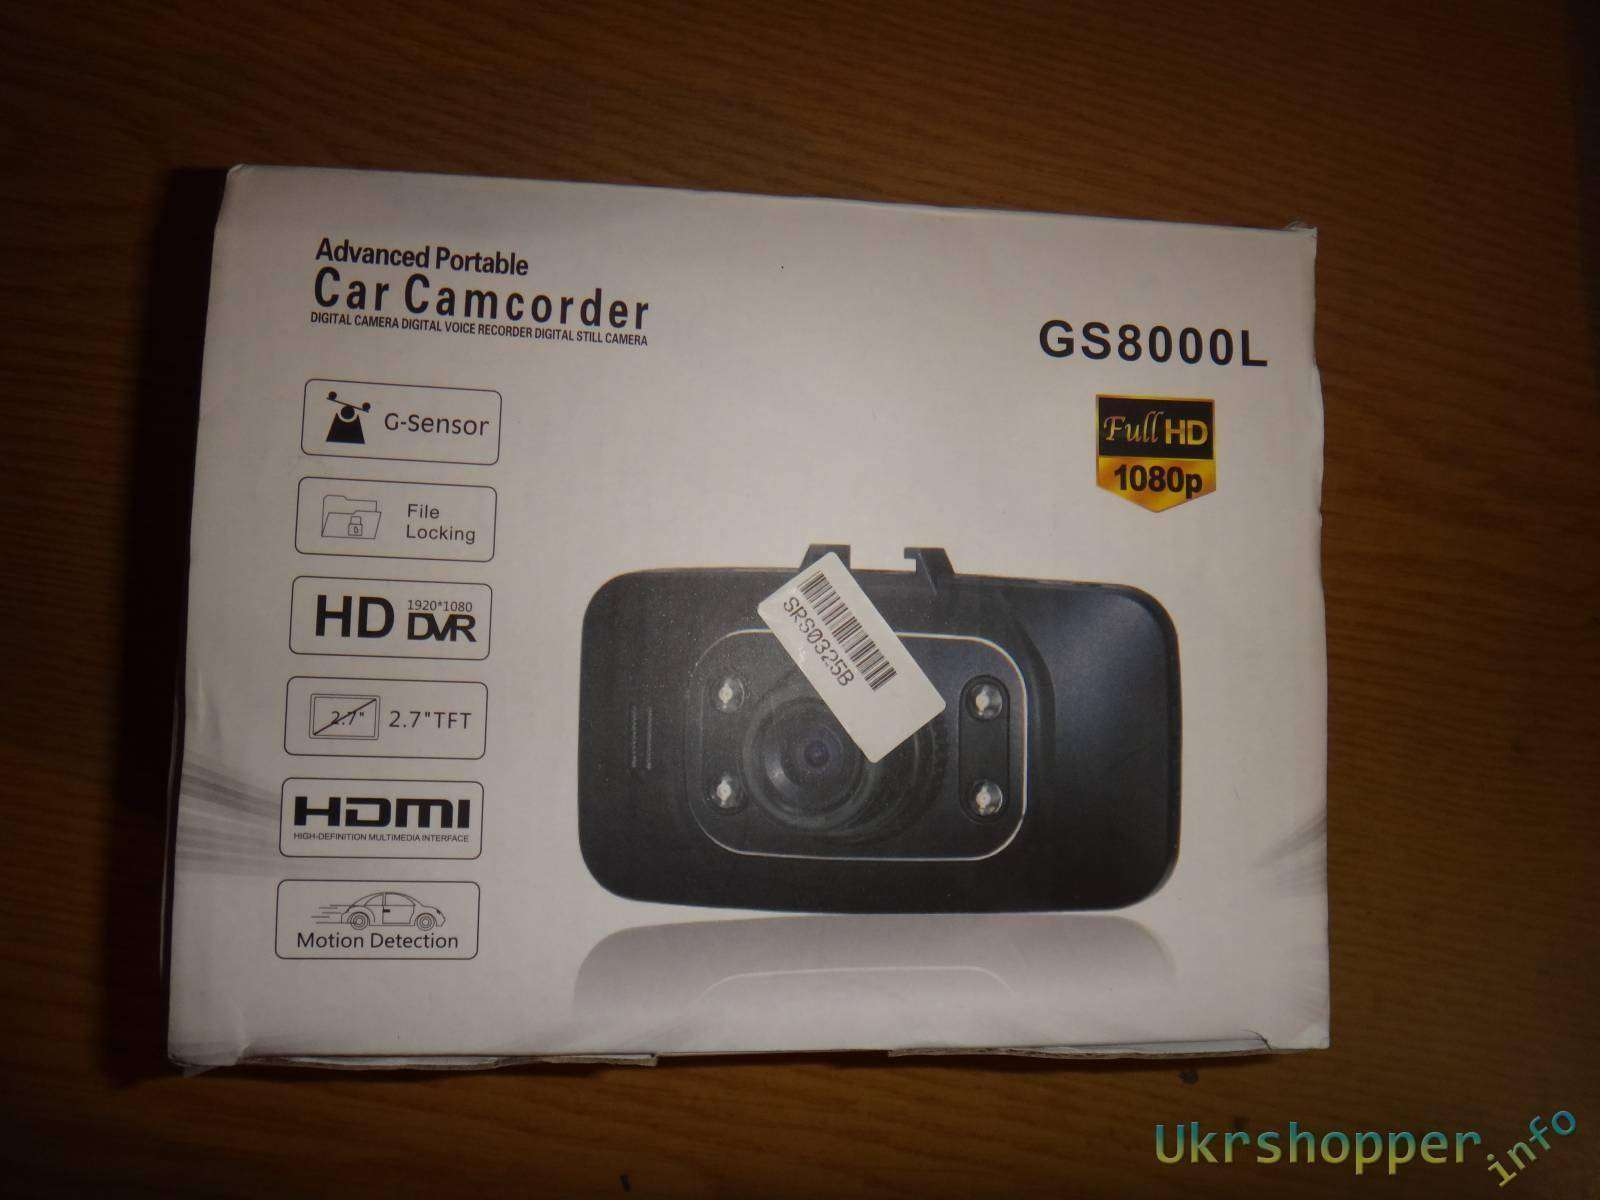 Aliexpress: Обзор отличного и небольшого видеорегистратора с Full HD записью 1080p GS8000L